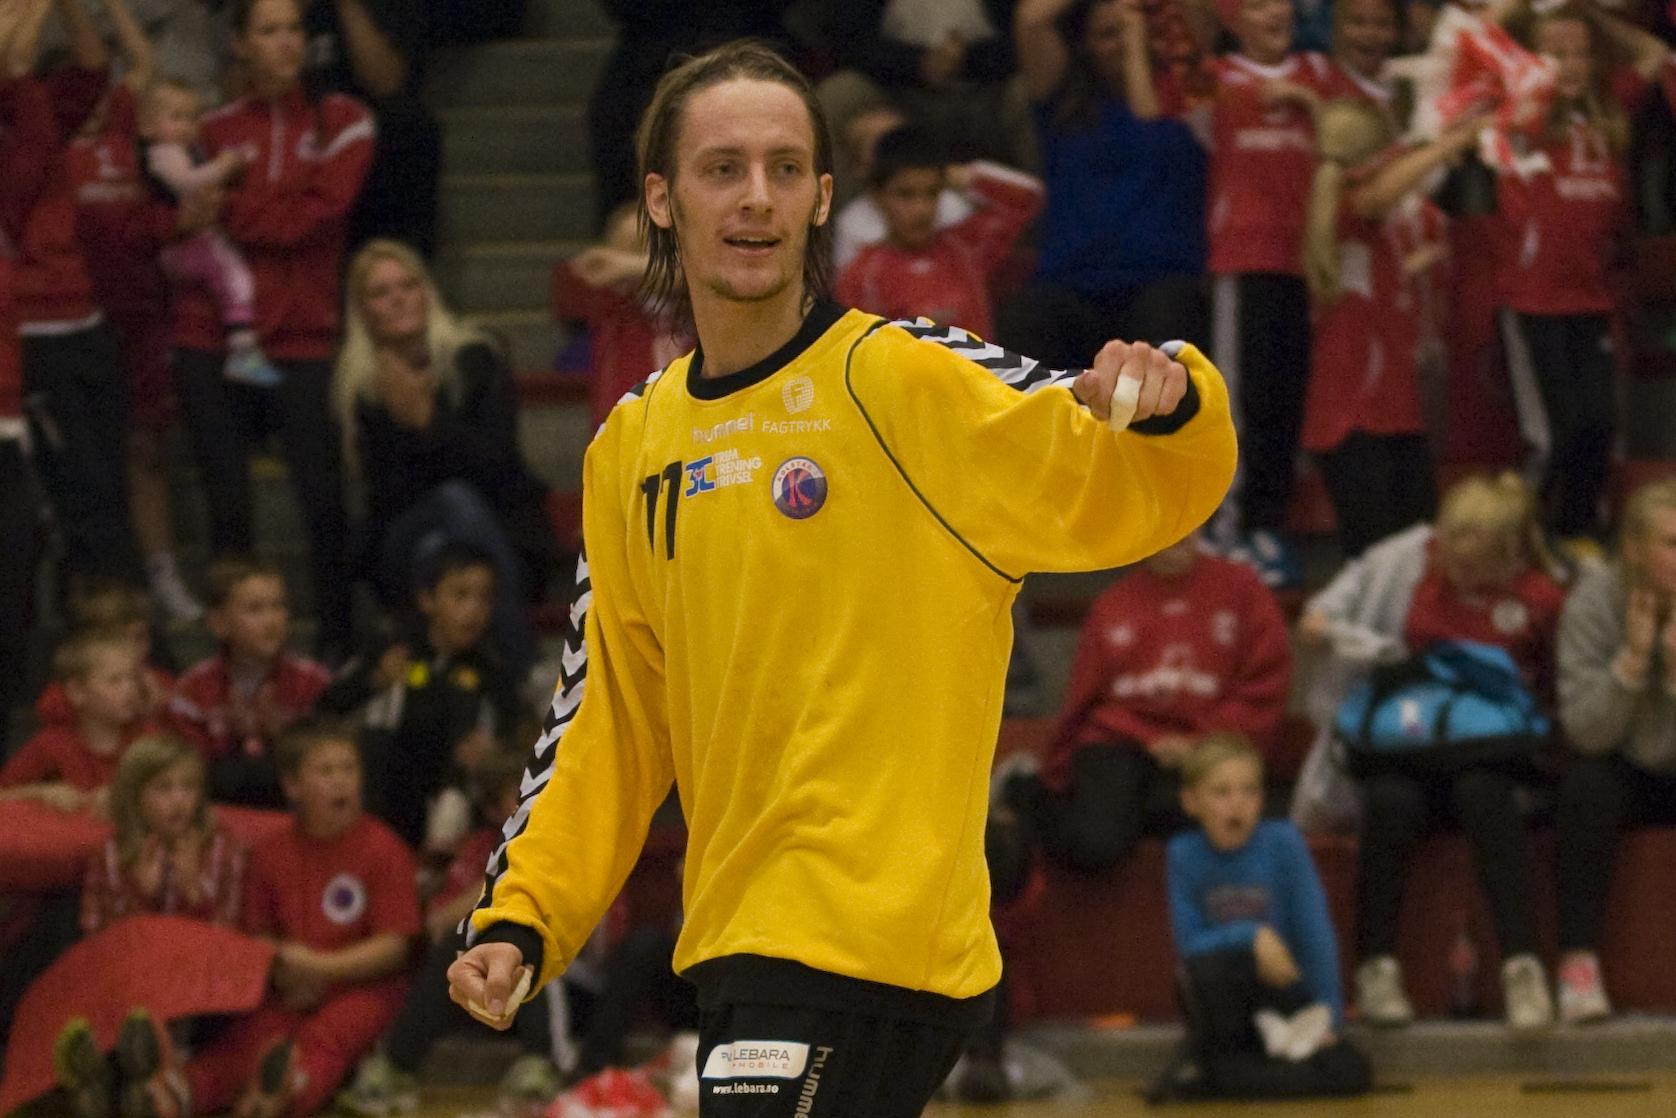 Kolstads keeper, Mats Wæraas, sto til tider som en vegg, og hjalp Kolstad til seier. Foto: Håvard Loeng